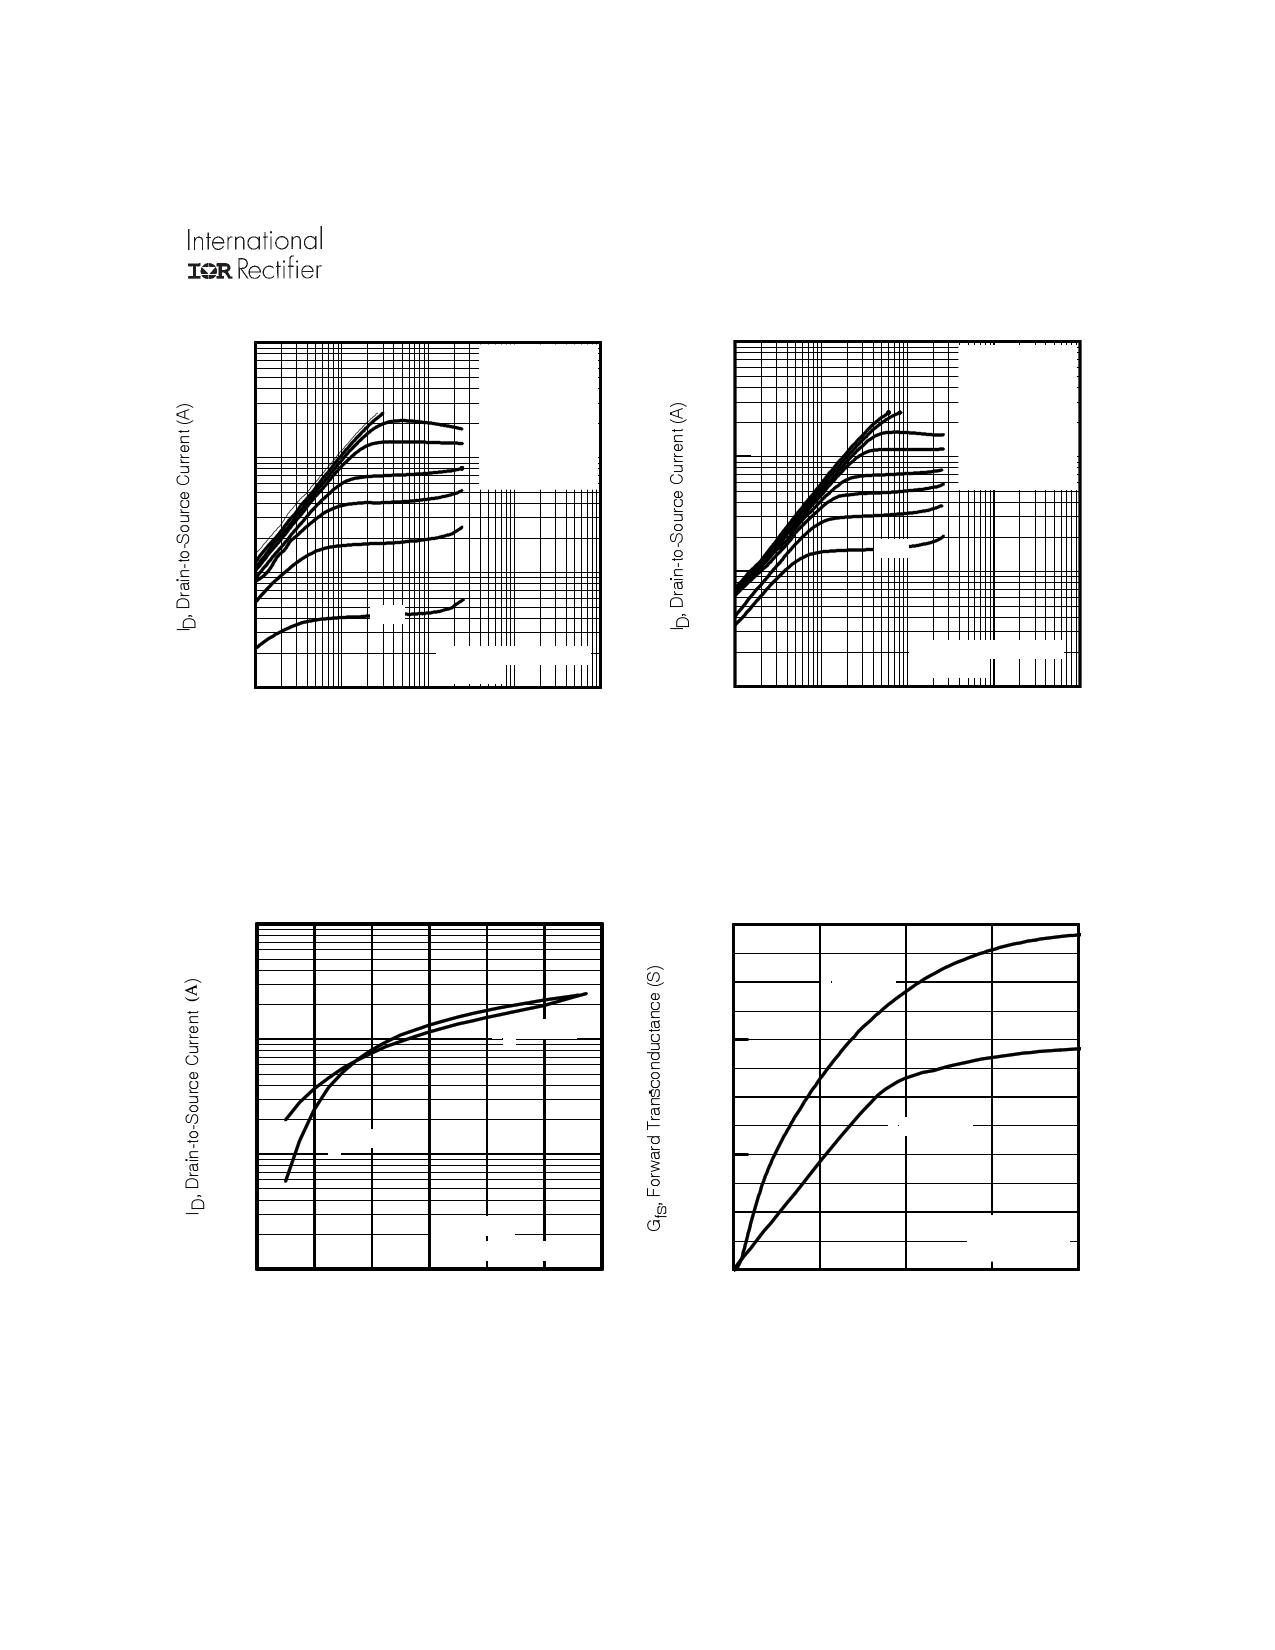 IRFZ48ZSPbF pdf, ピン配列